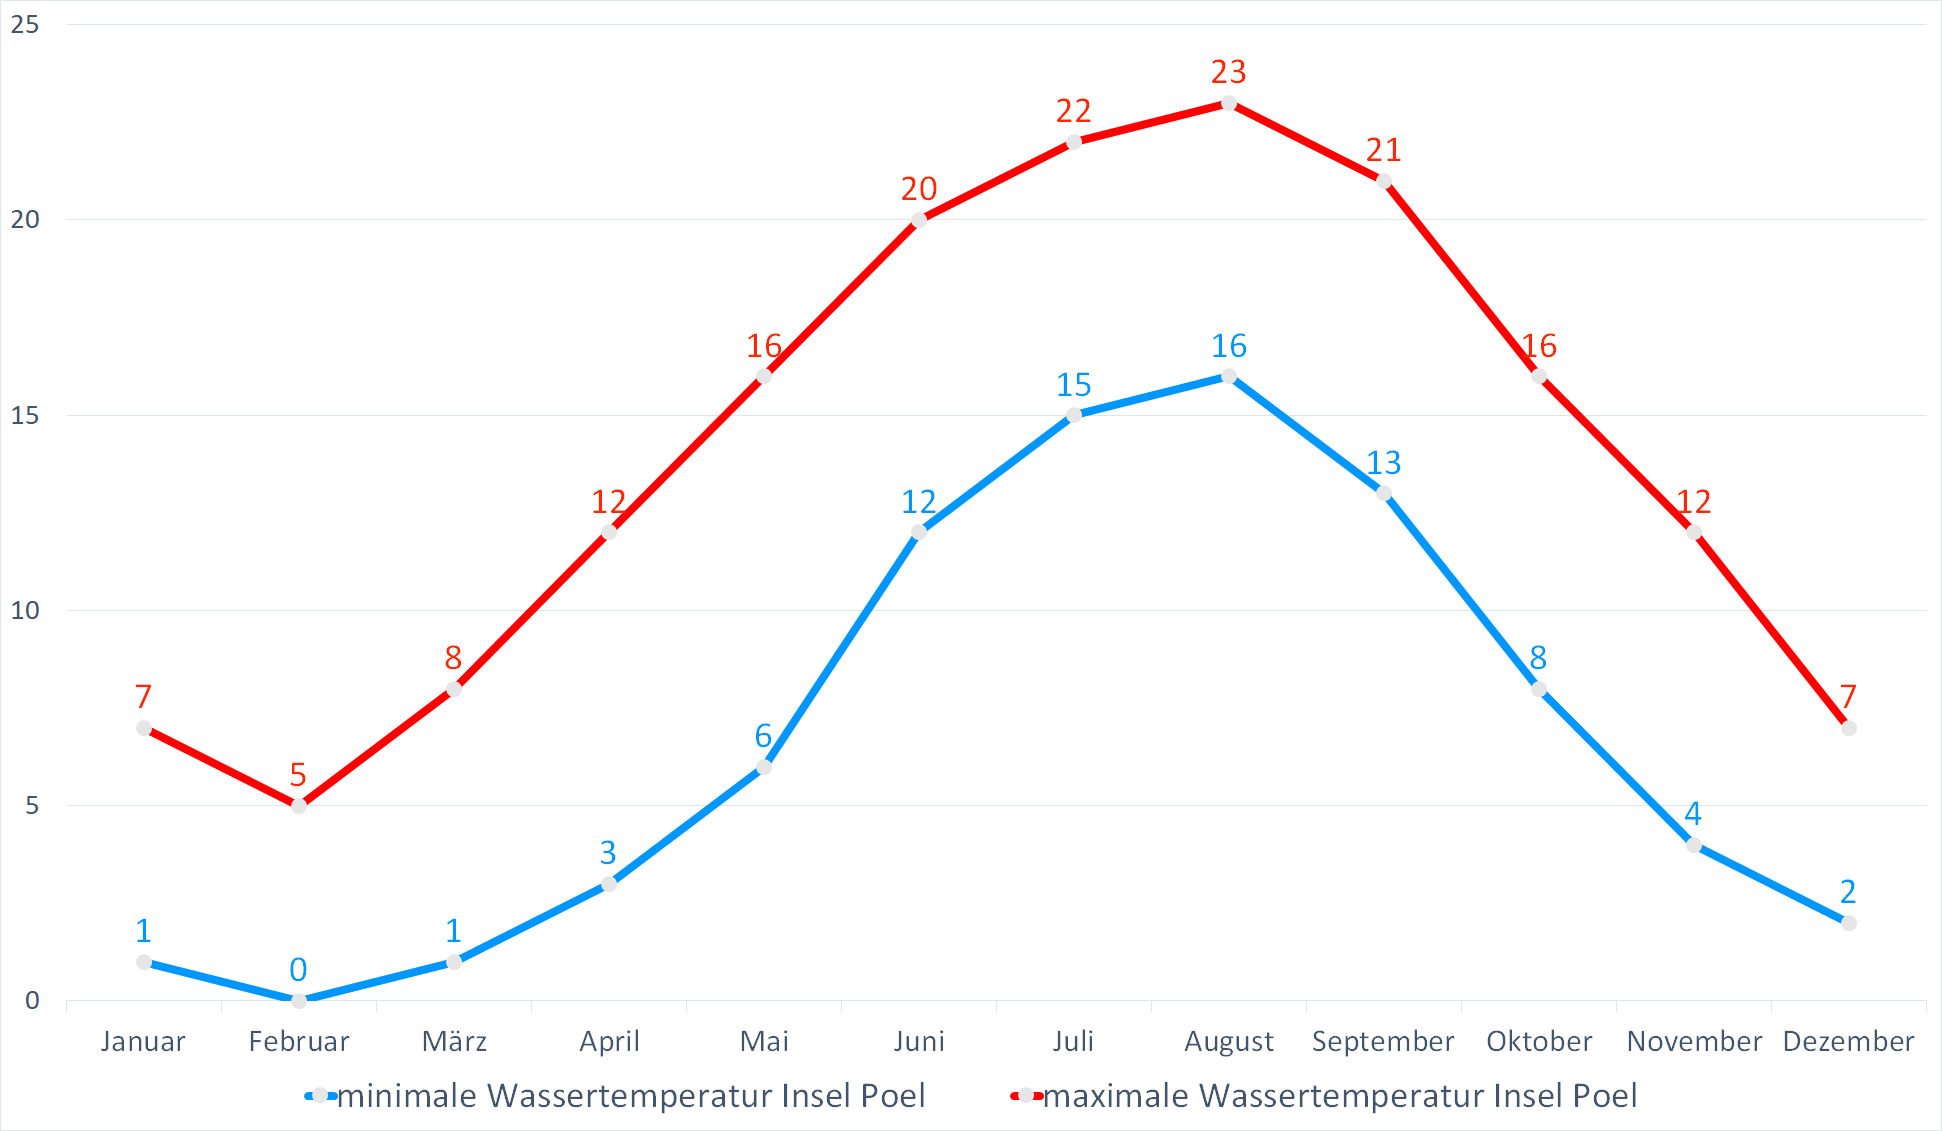 Minimale & Maximale Wassertemperaturen für Insel Poel im Jahresverlauf